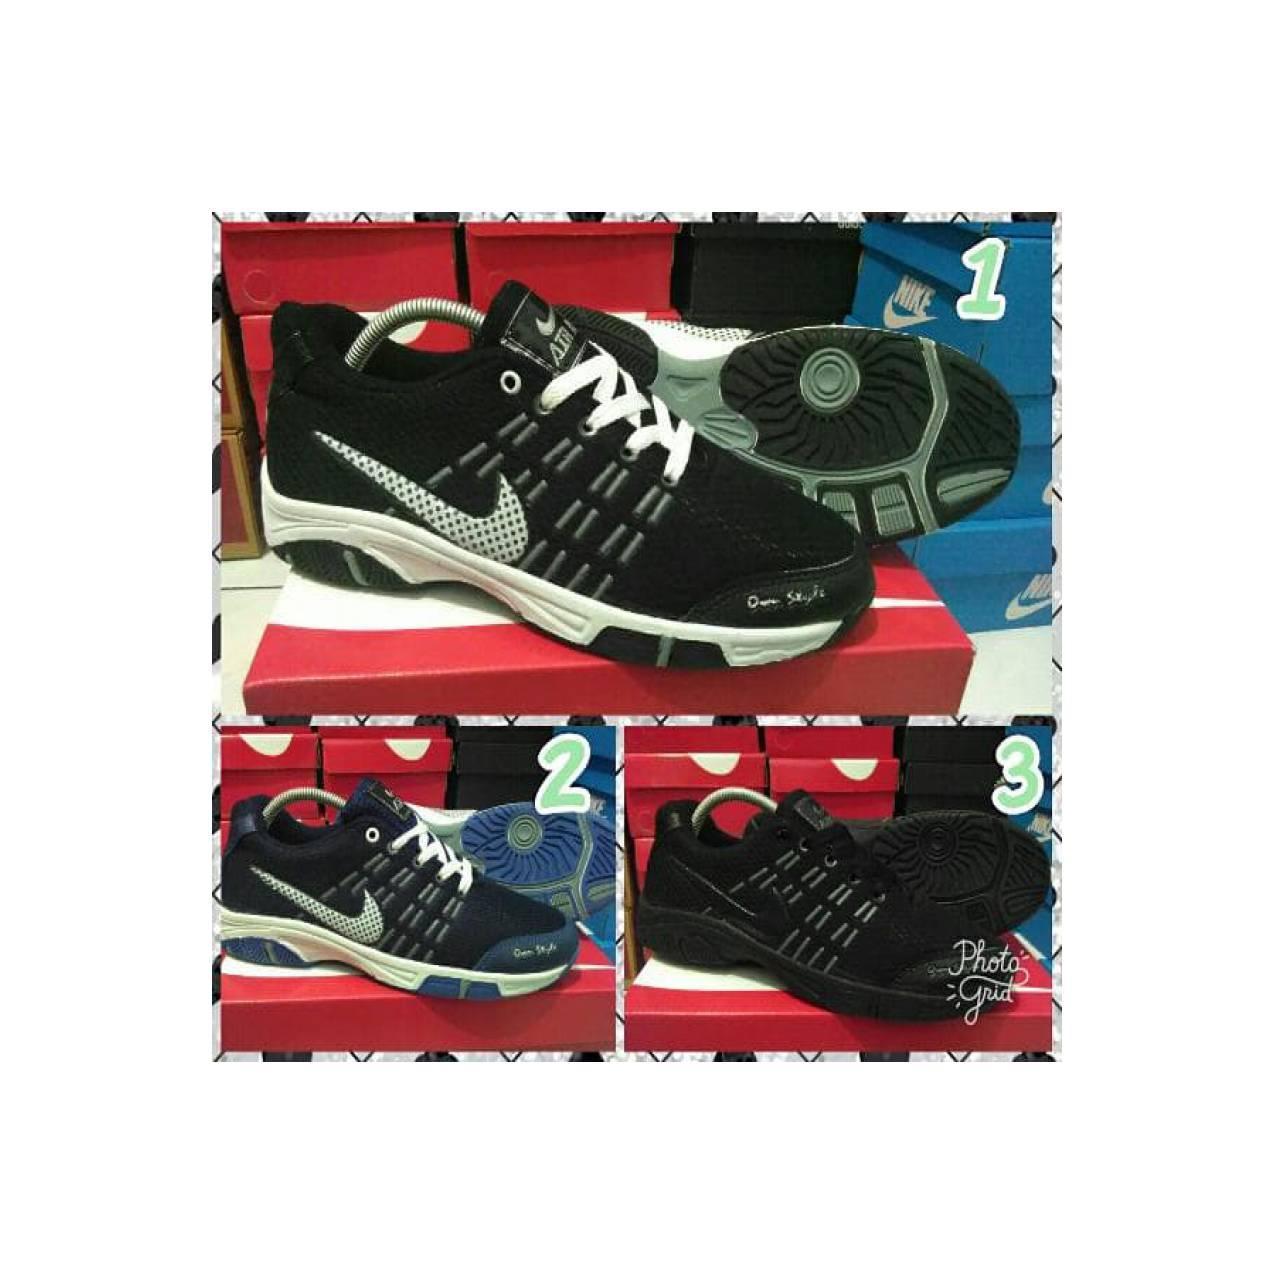 EKSKLUSIF Harga Special Sepatu Olahraga Lari Badminton Nike Airmax